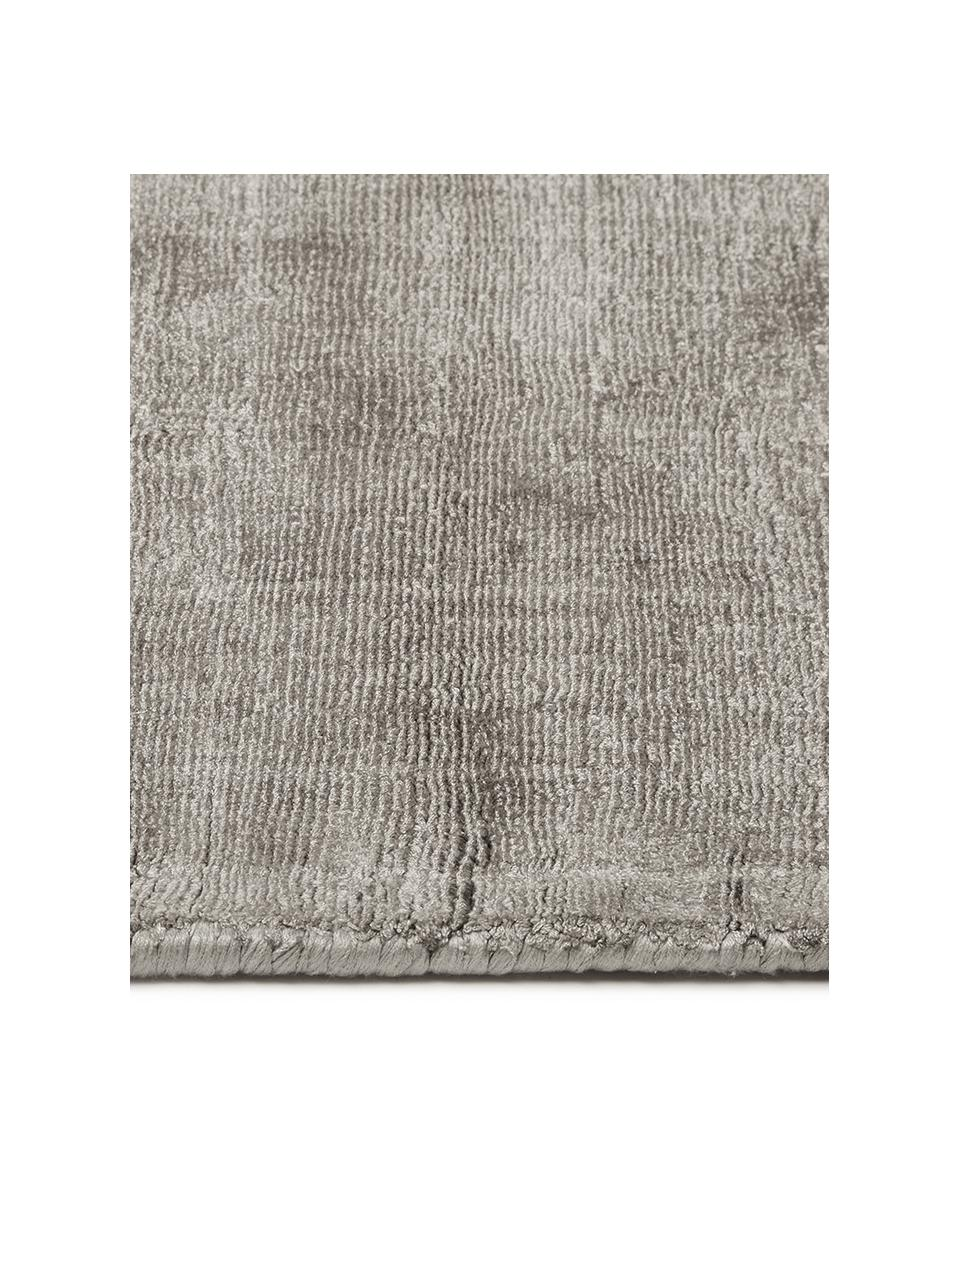 Ručně tkaný viskózový koberec Jane, Šedobéžová